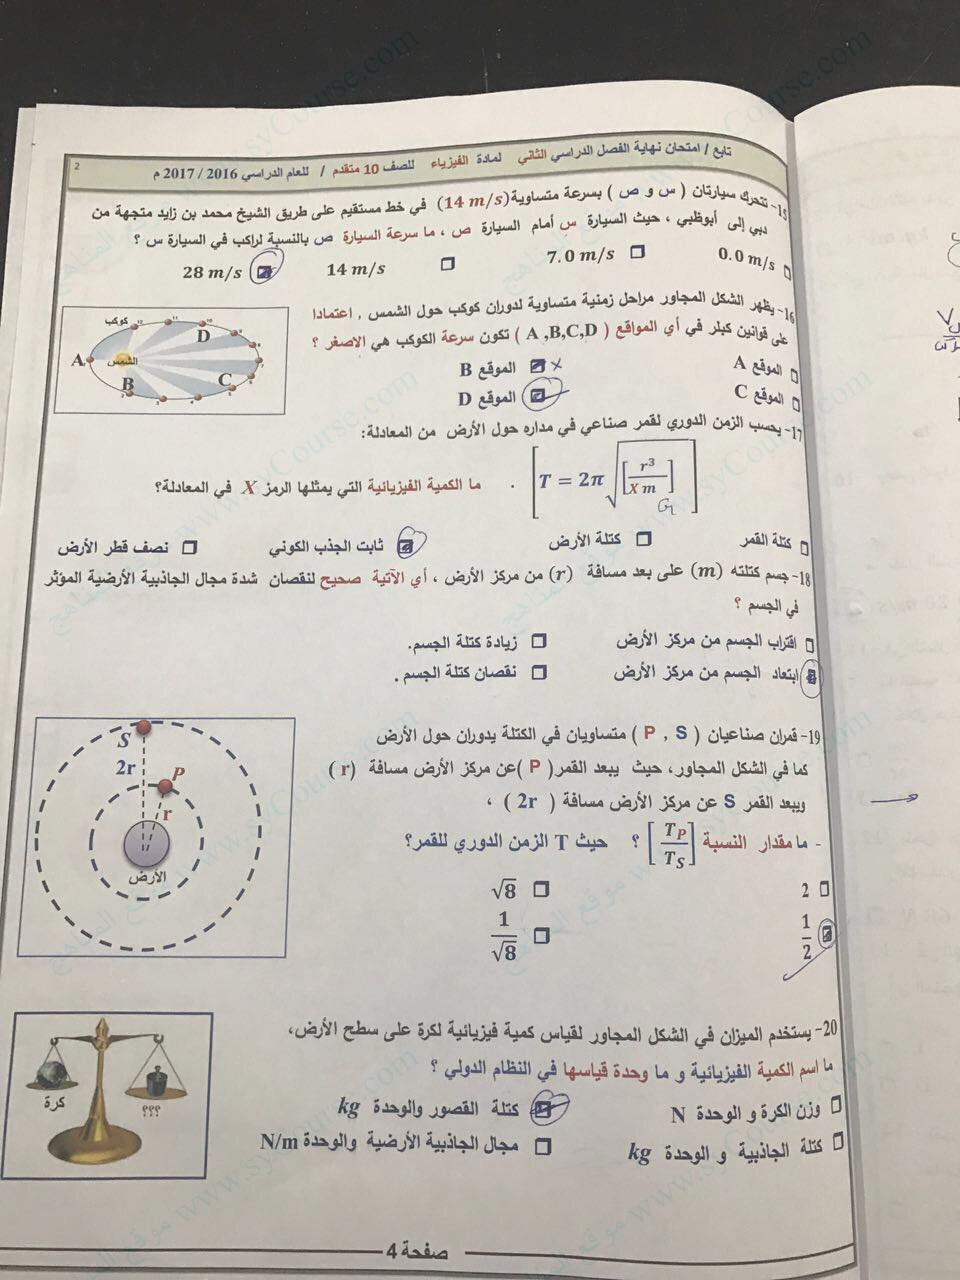 حل كتاب الفيزياء المستوى الاول